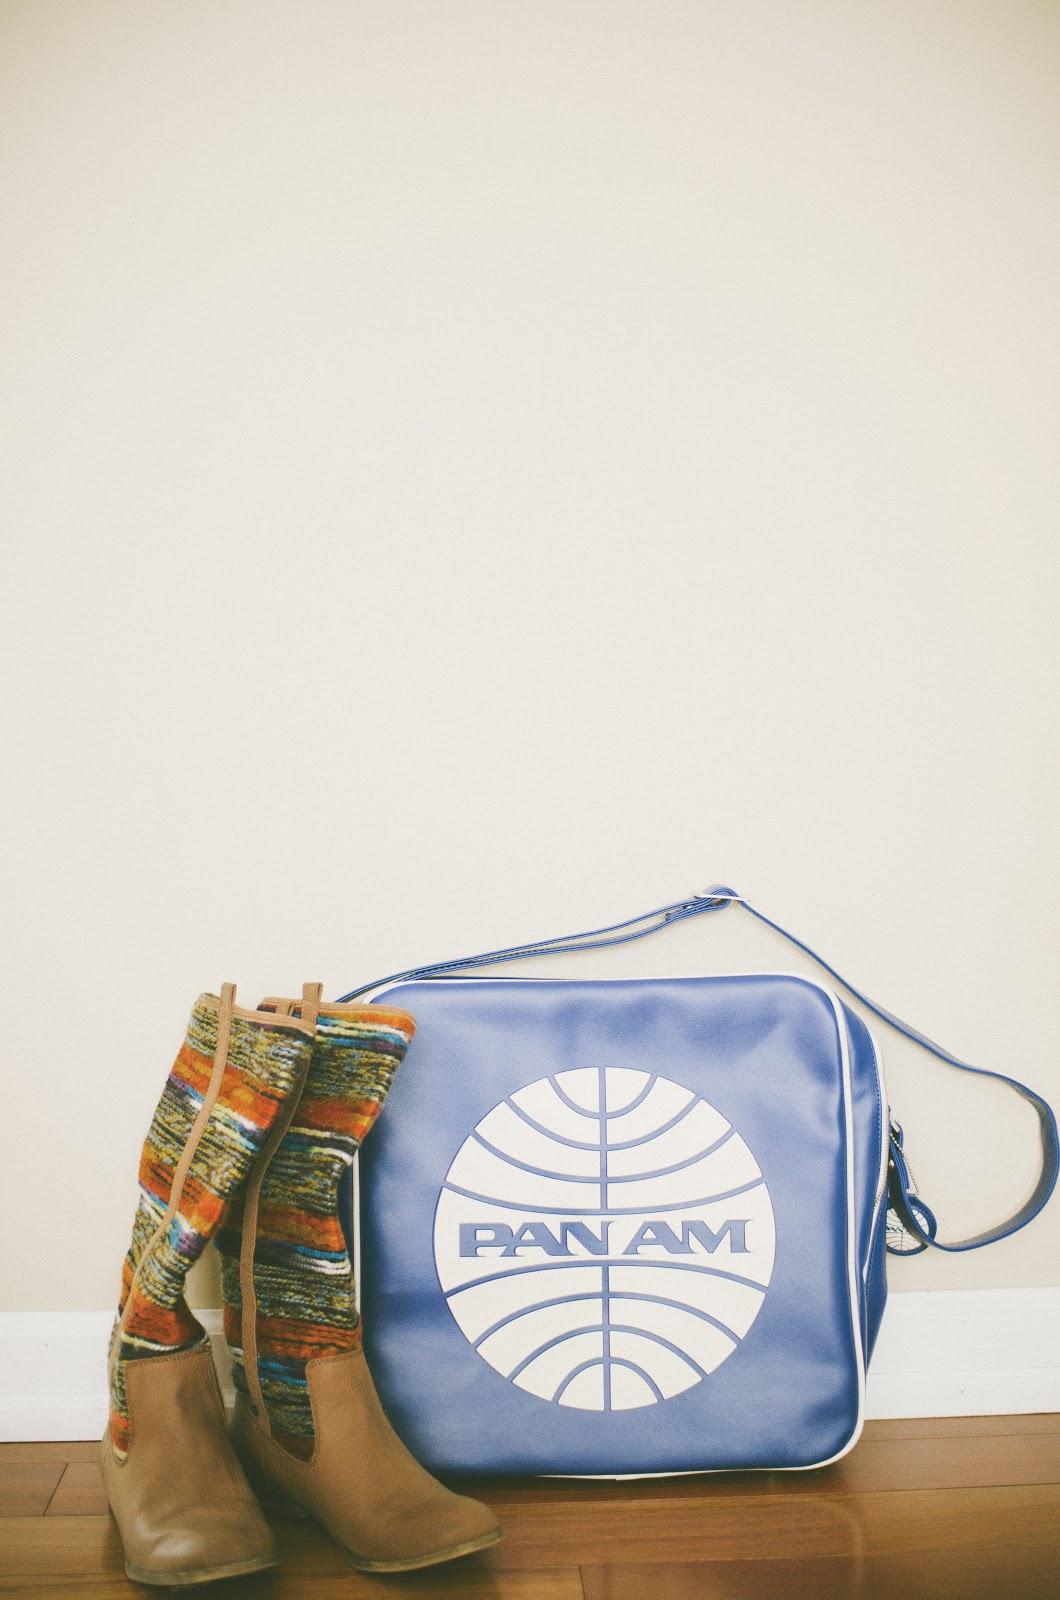 Pan Am bag, vintage, colorful boots, hip, trendy